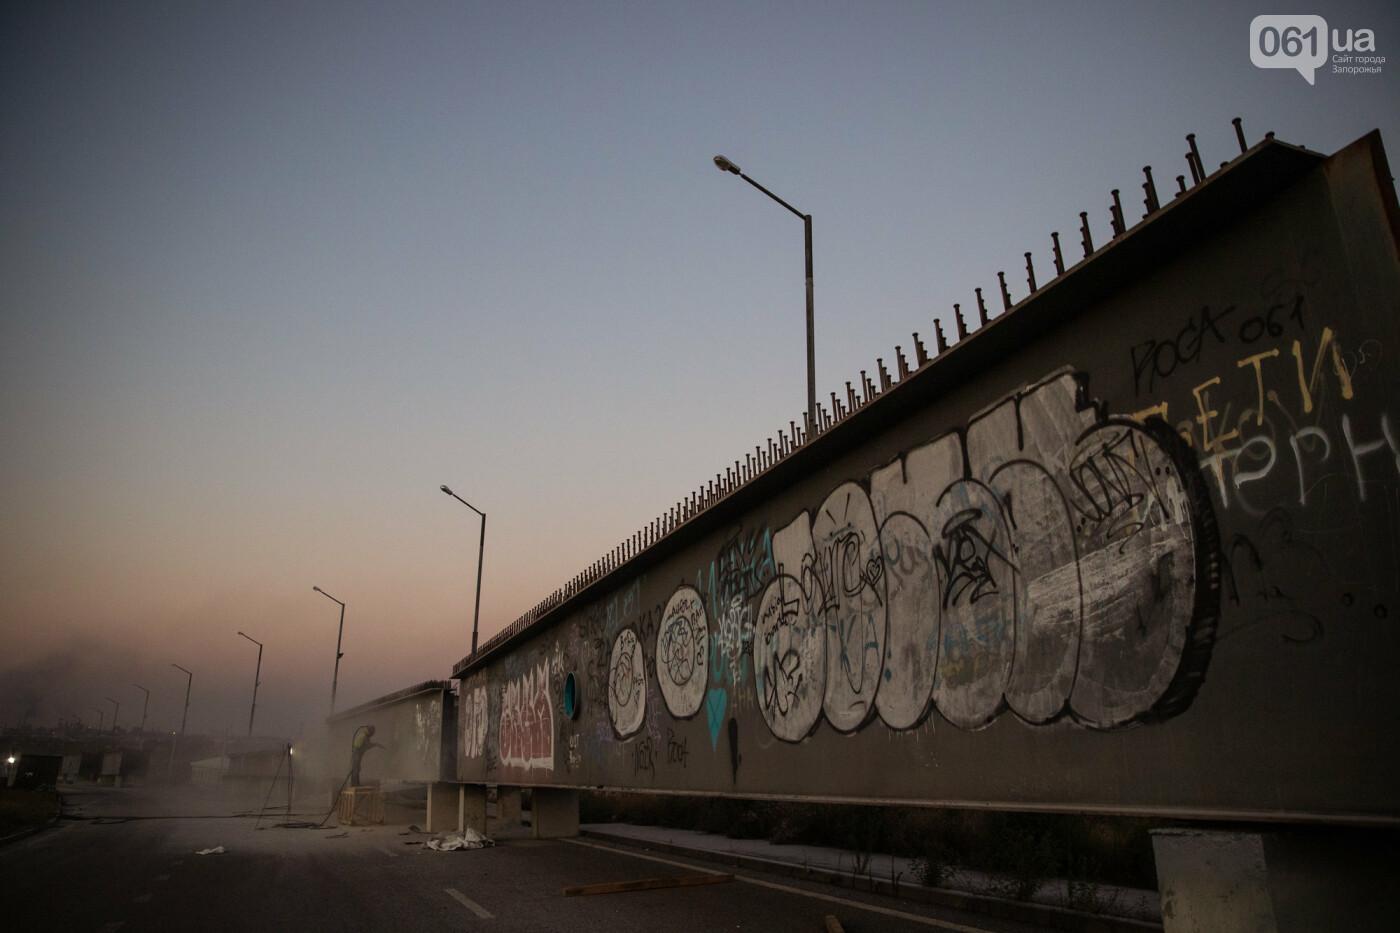 В Запорожье собирают балочный мост через Старый Днепр – строители работают даже ночью, - ФОТОРЕПОРТАЖ , фото-9